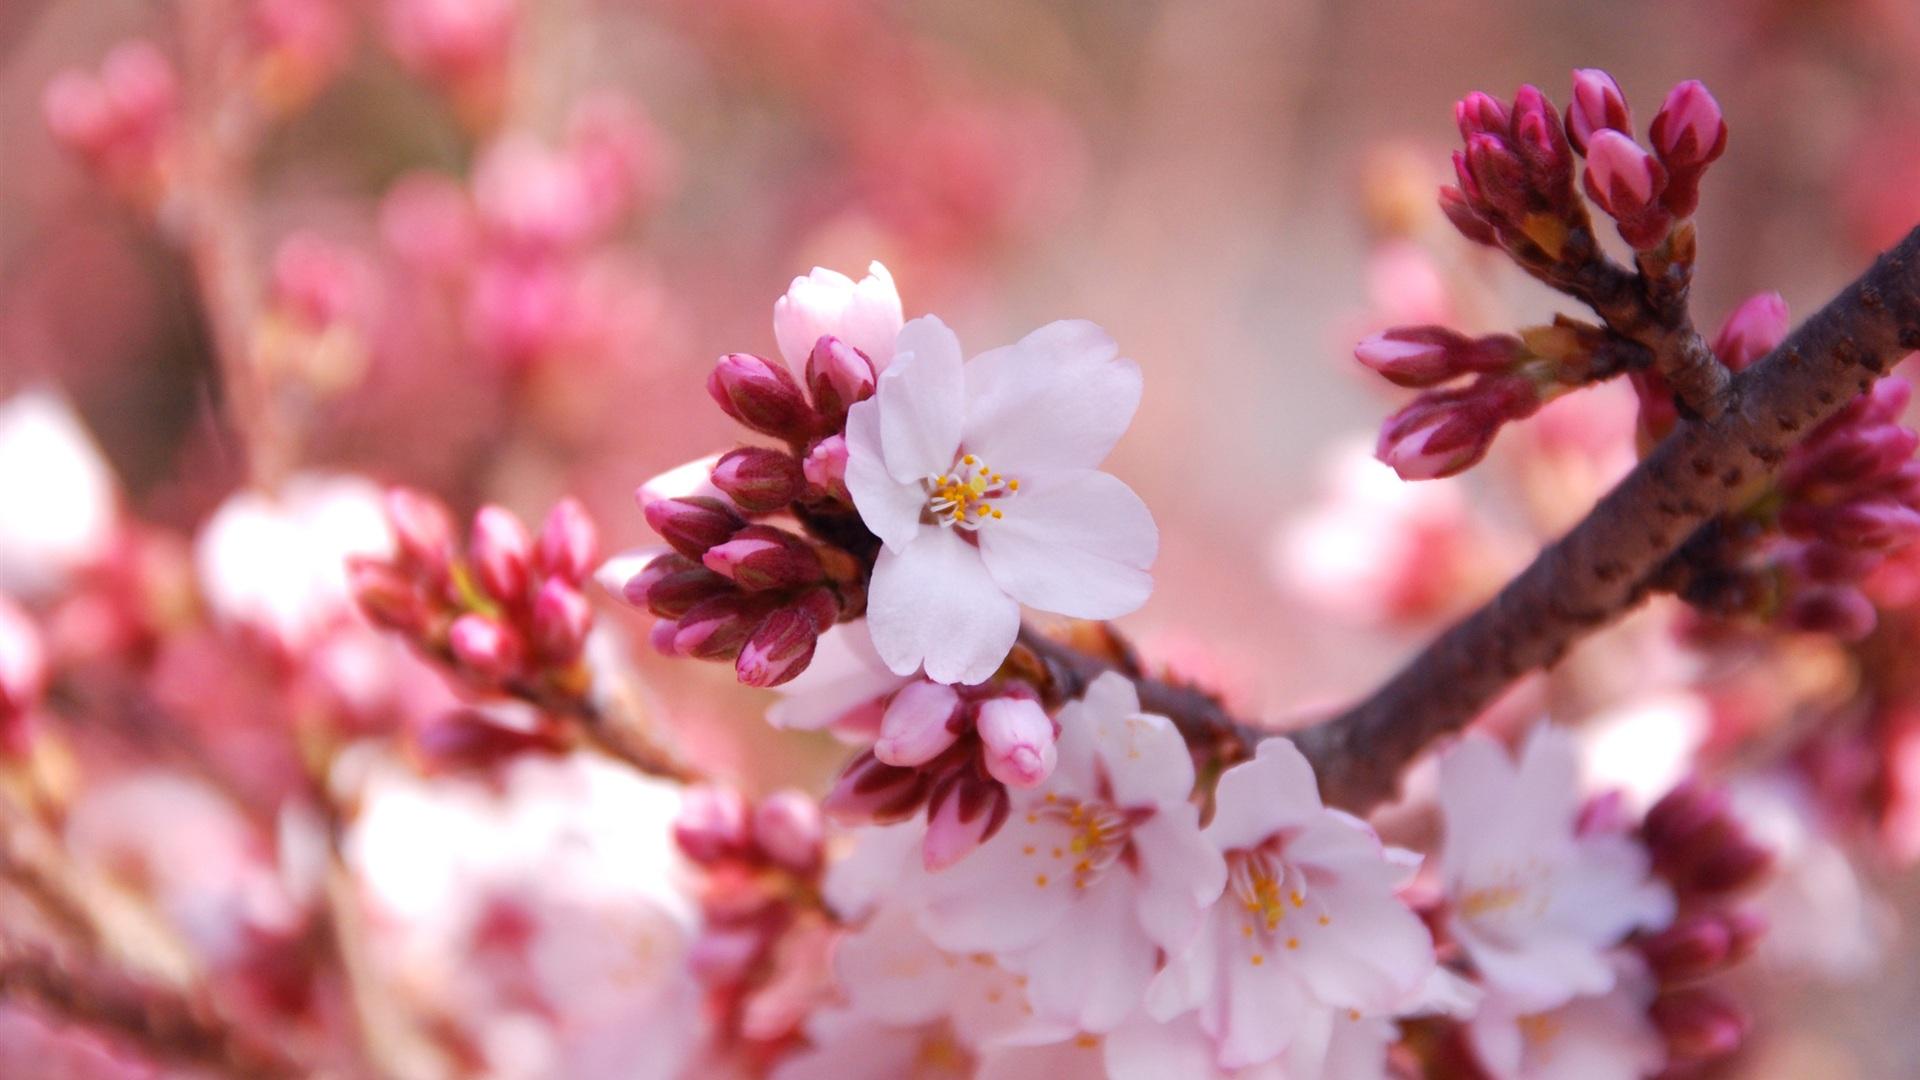 Fondos De Pantalla Flores Rosadas Crisantemo Fondo: Fondos De Pantalla Flores Cerca De La Estación De Los